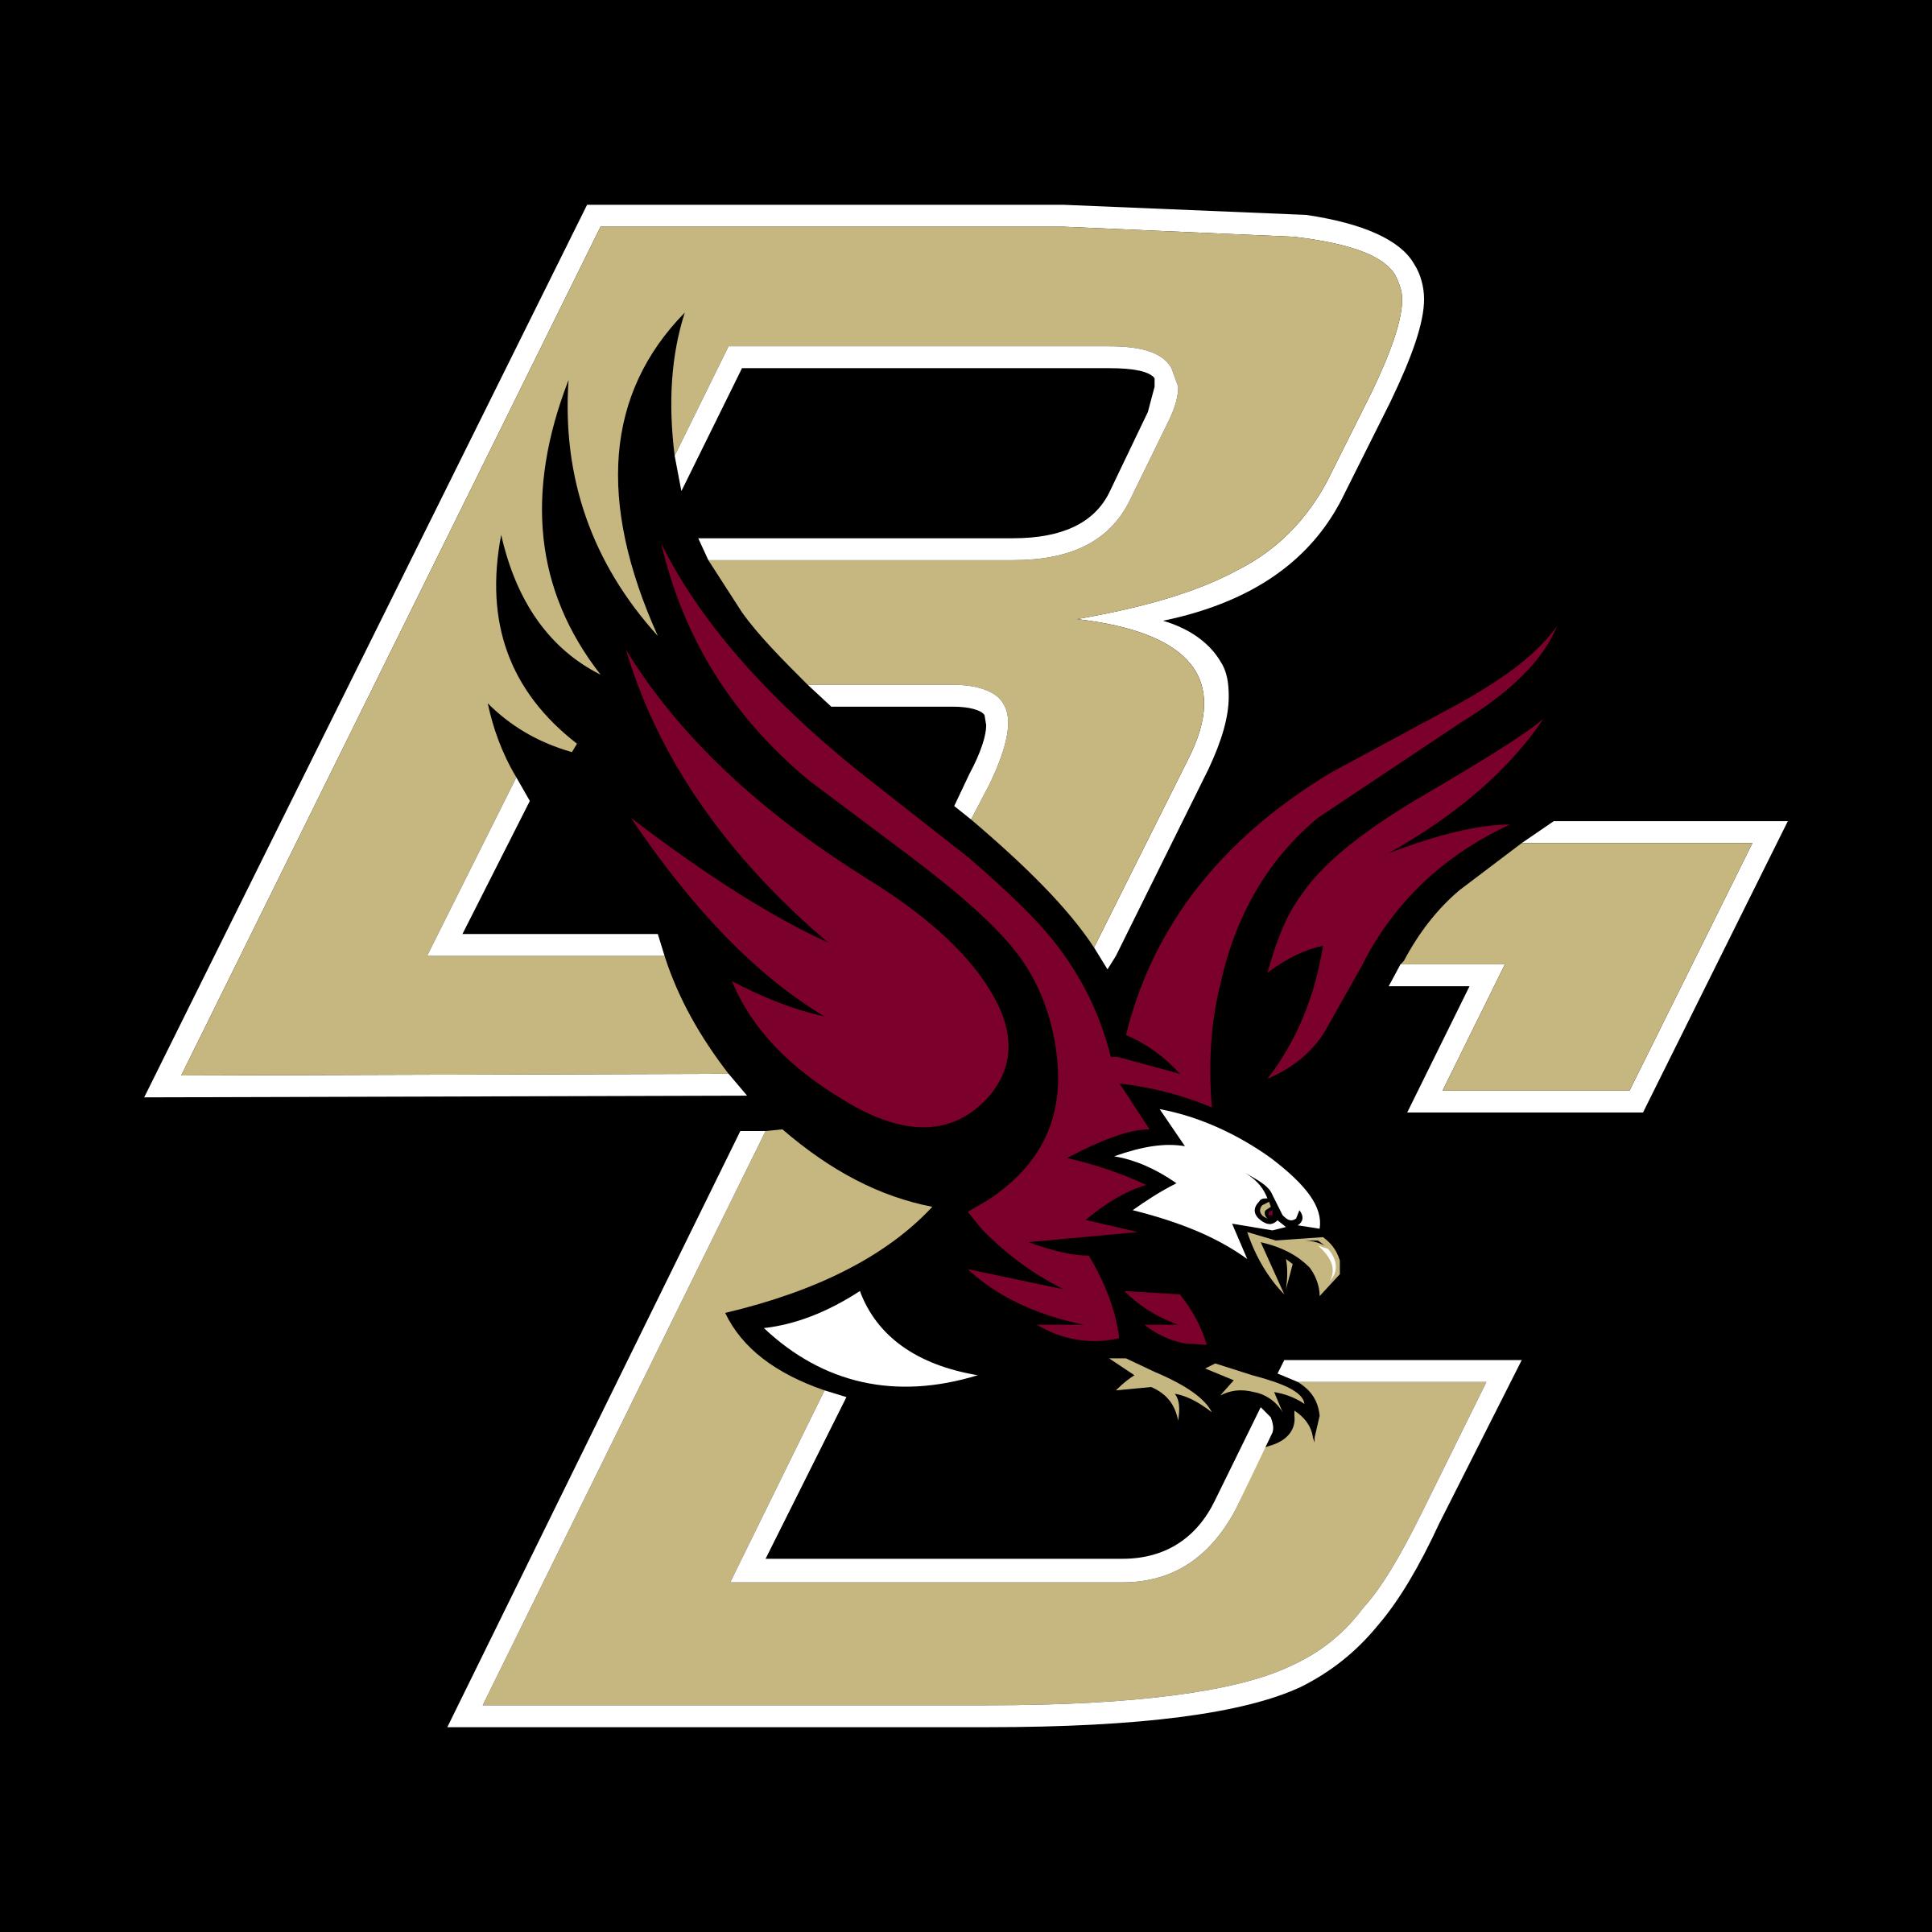 Boston College Eagles football Boston College School of.